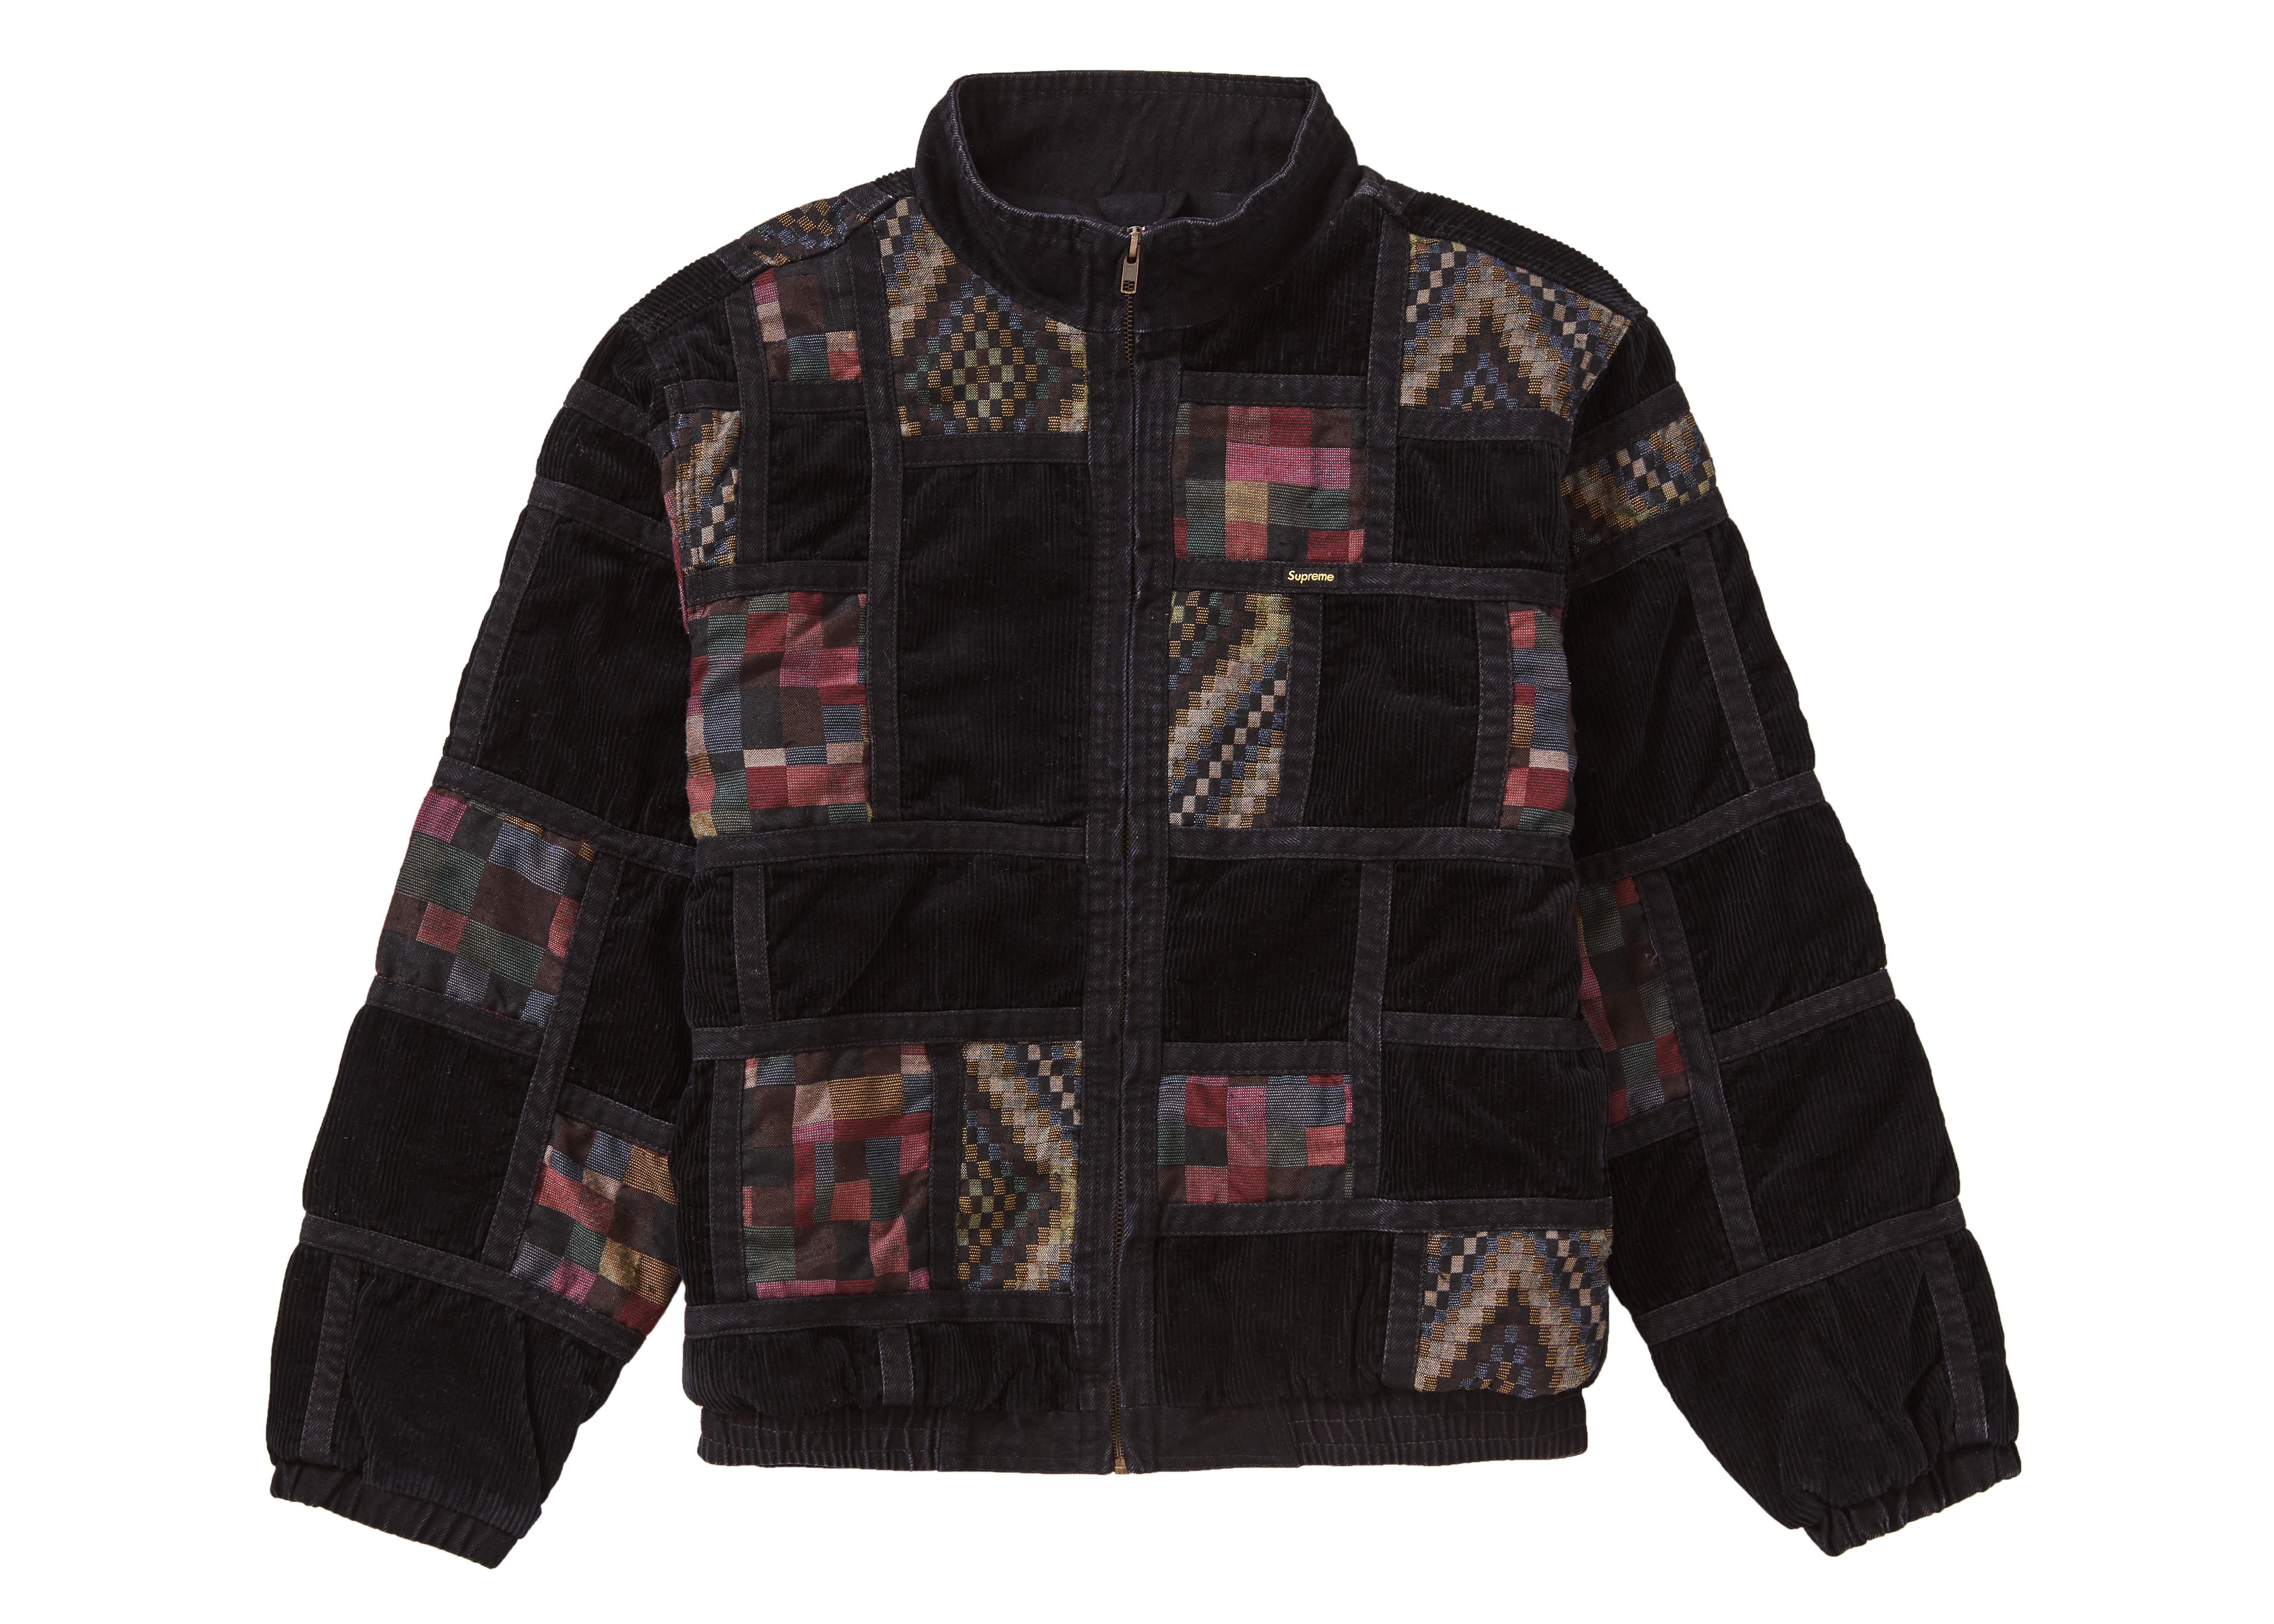 Supreme Corduroy Patchwork Denim Jacket Washed Black